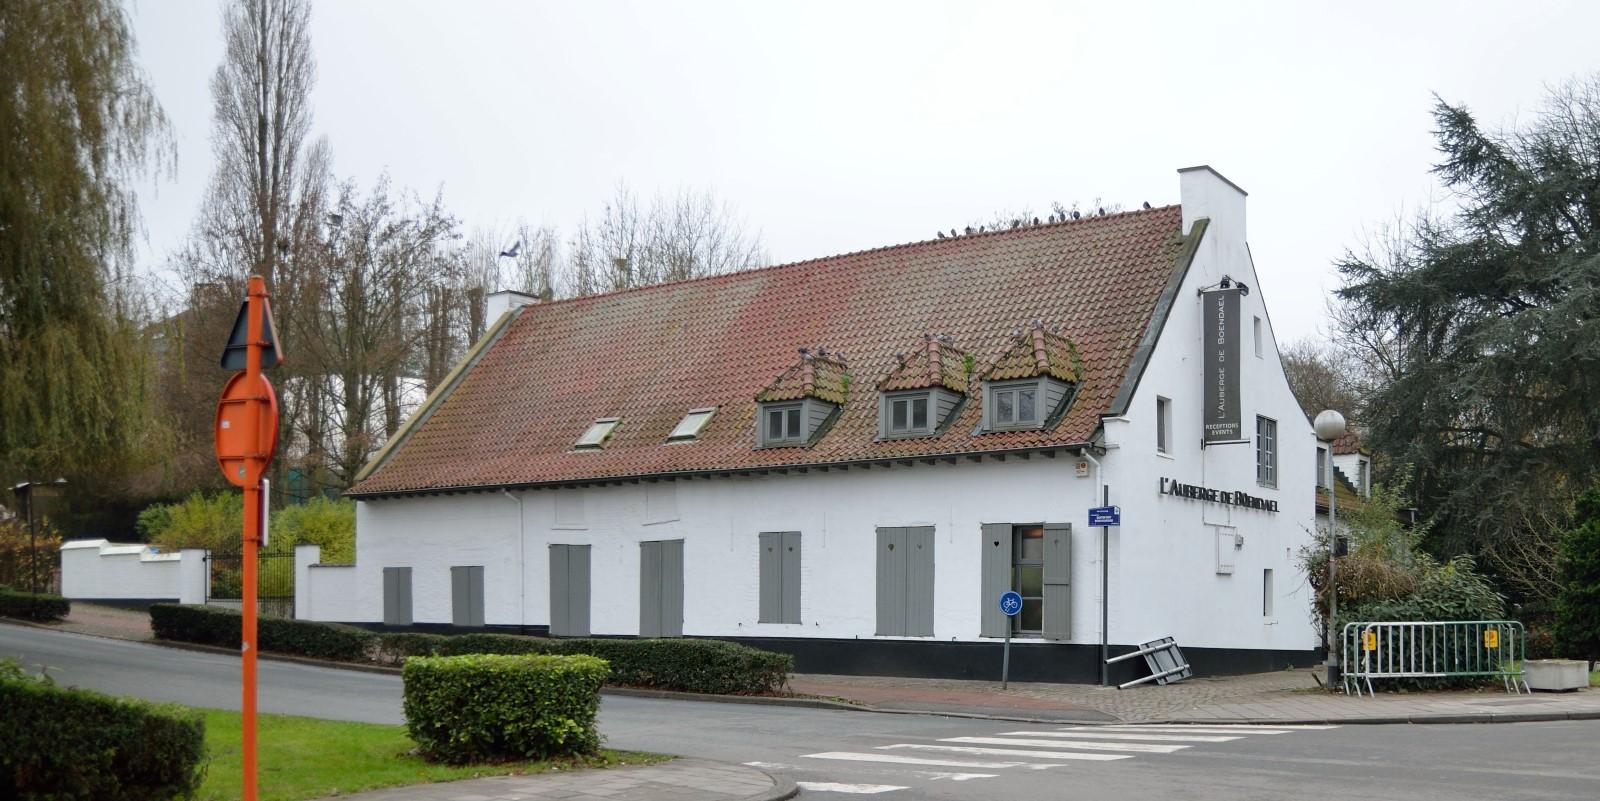 Square du Vieux Tilleul 12, L'auberge de Boondael, vers la chaussée de Boitsfort, 2014